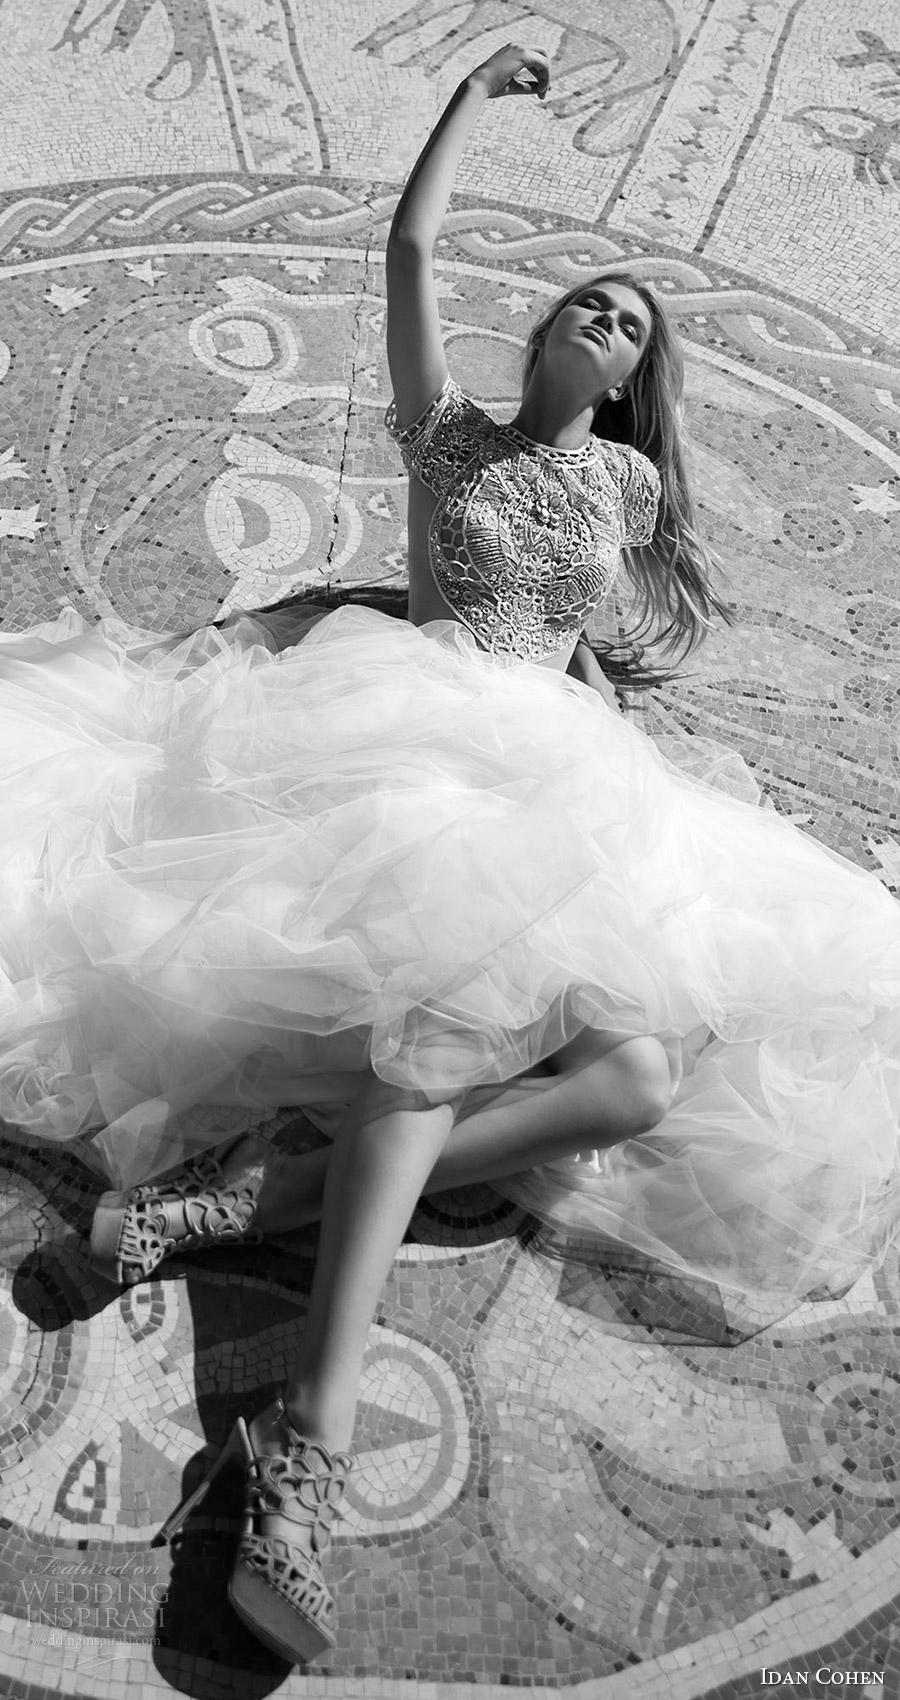 2017 de novia vestido de novia vestido de bola moldeado del cuello de la manga casquillo joya corpiño Idan Cohen (Carla del río ) fv